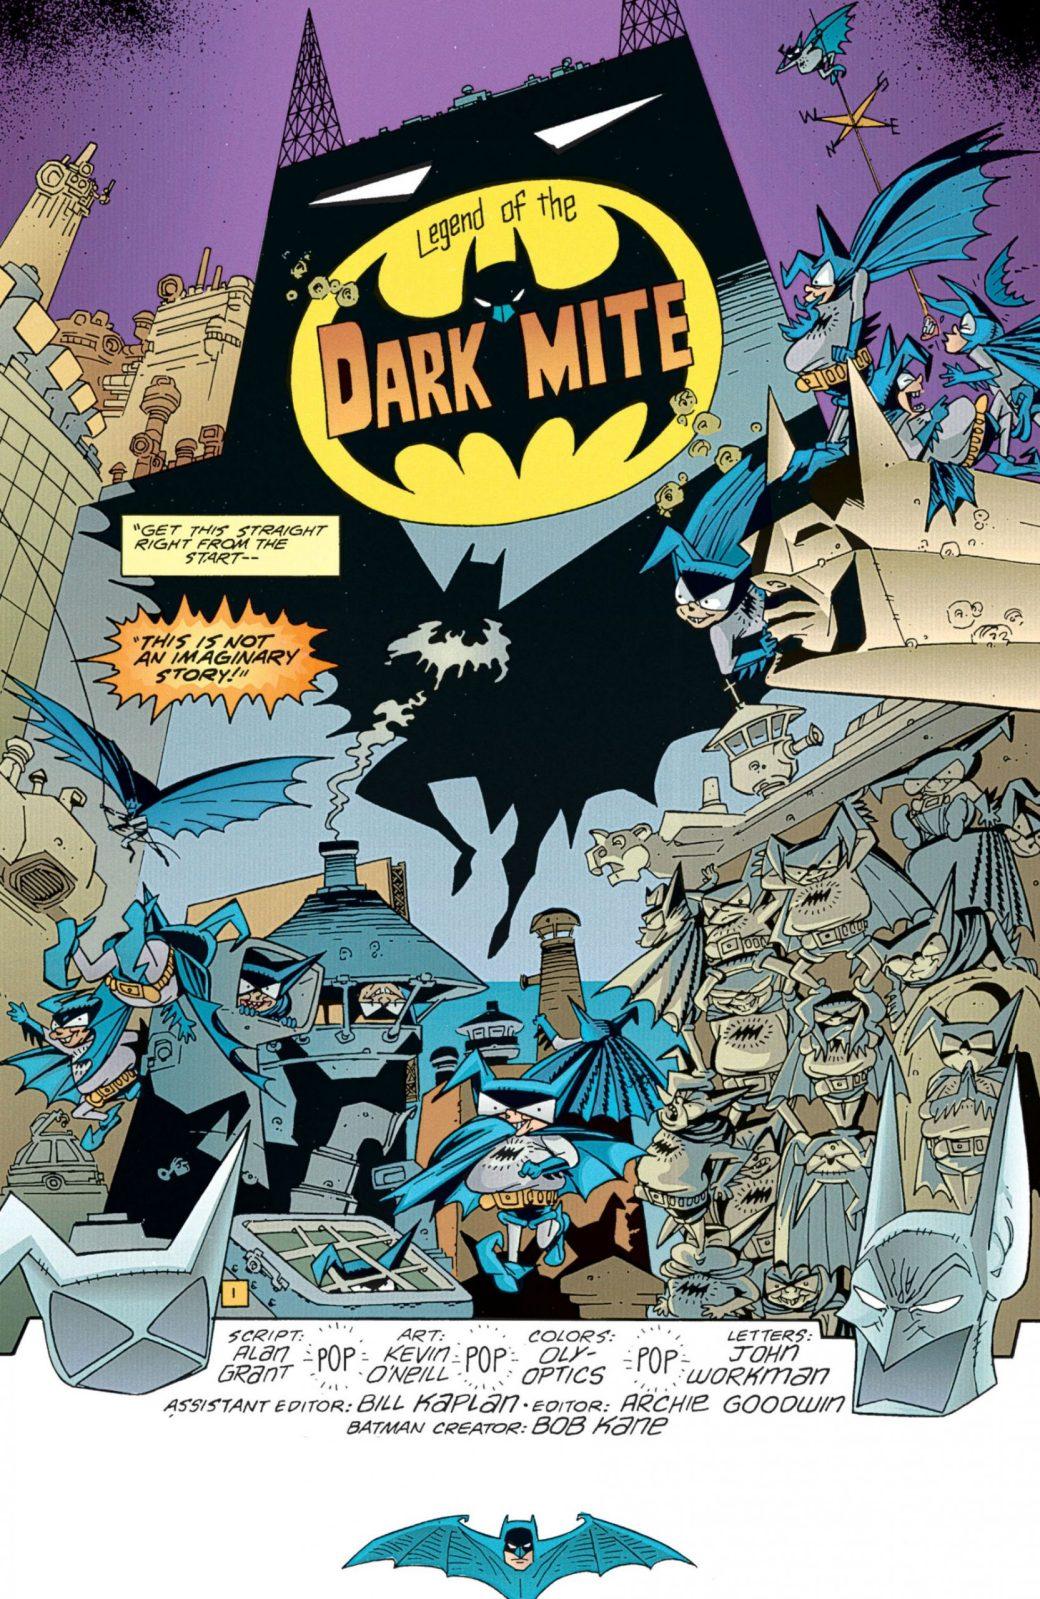 Batman av Goodwin, editor, Alan Grant, writer, och Kevin O'Neill, bild